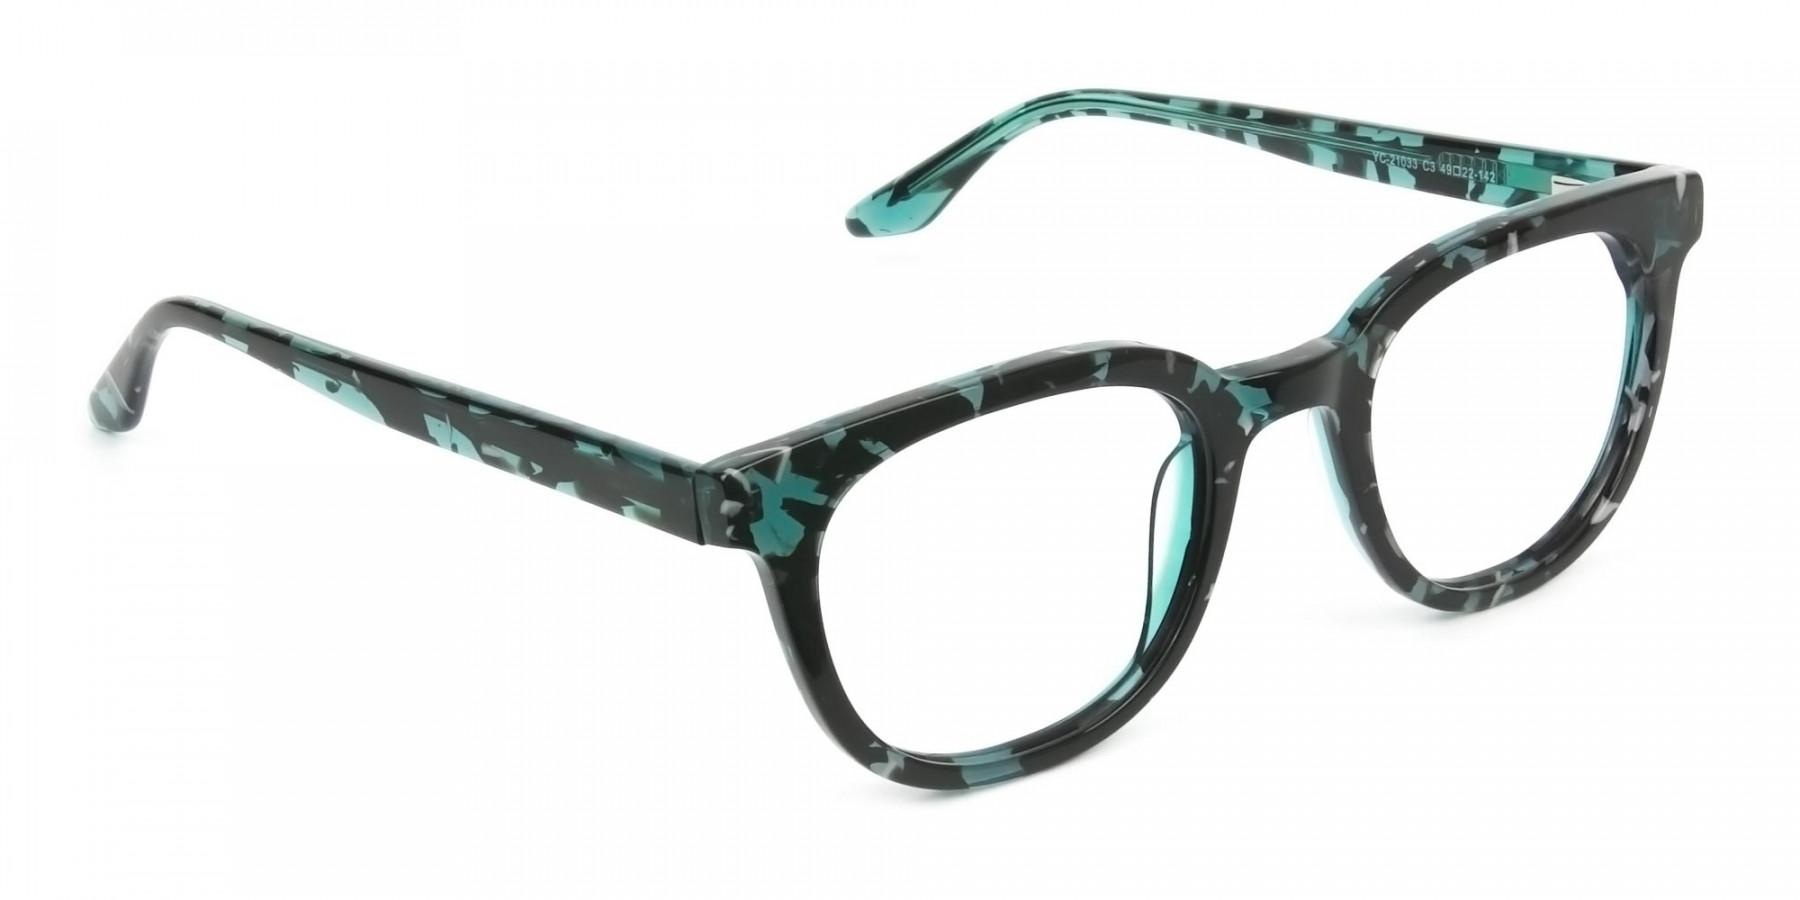 Hipster Tortoise Turquoise Green Wayfarer Frame Glasses - 1